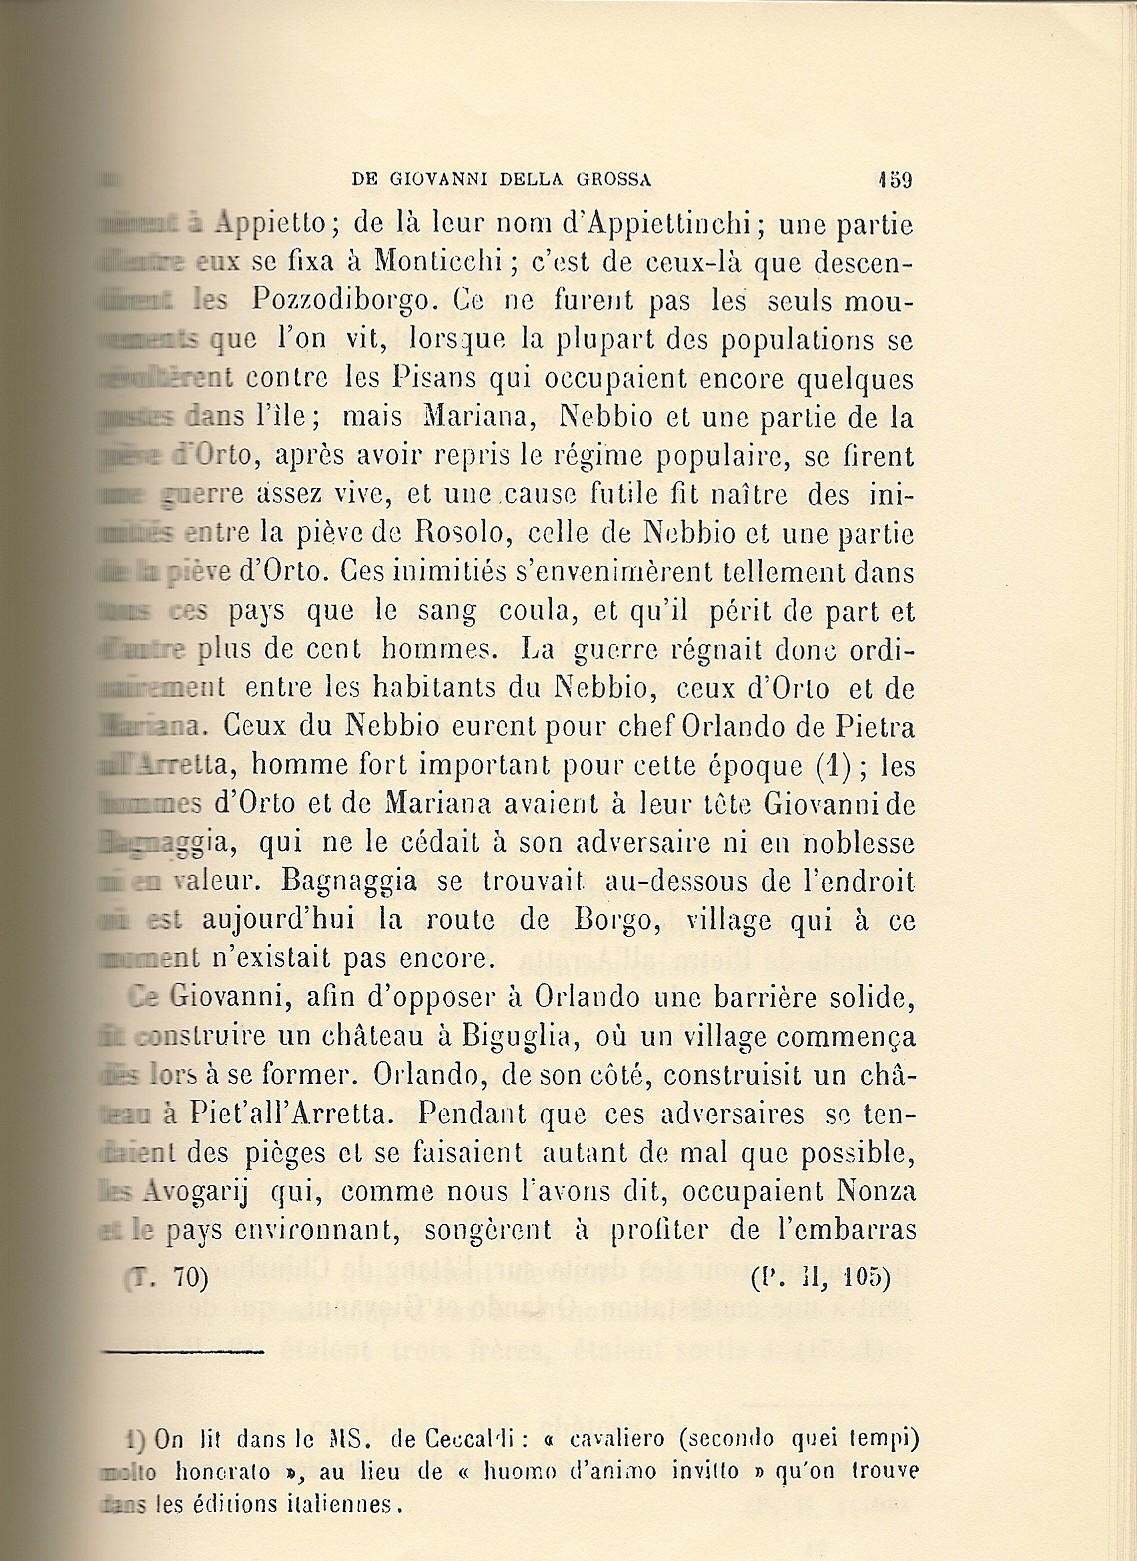 [1.+Chronique+de+Giovanni+della+Grosa.+Traduction+de+l'Abbé+Letteron..jpg]